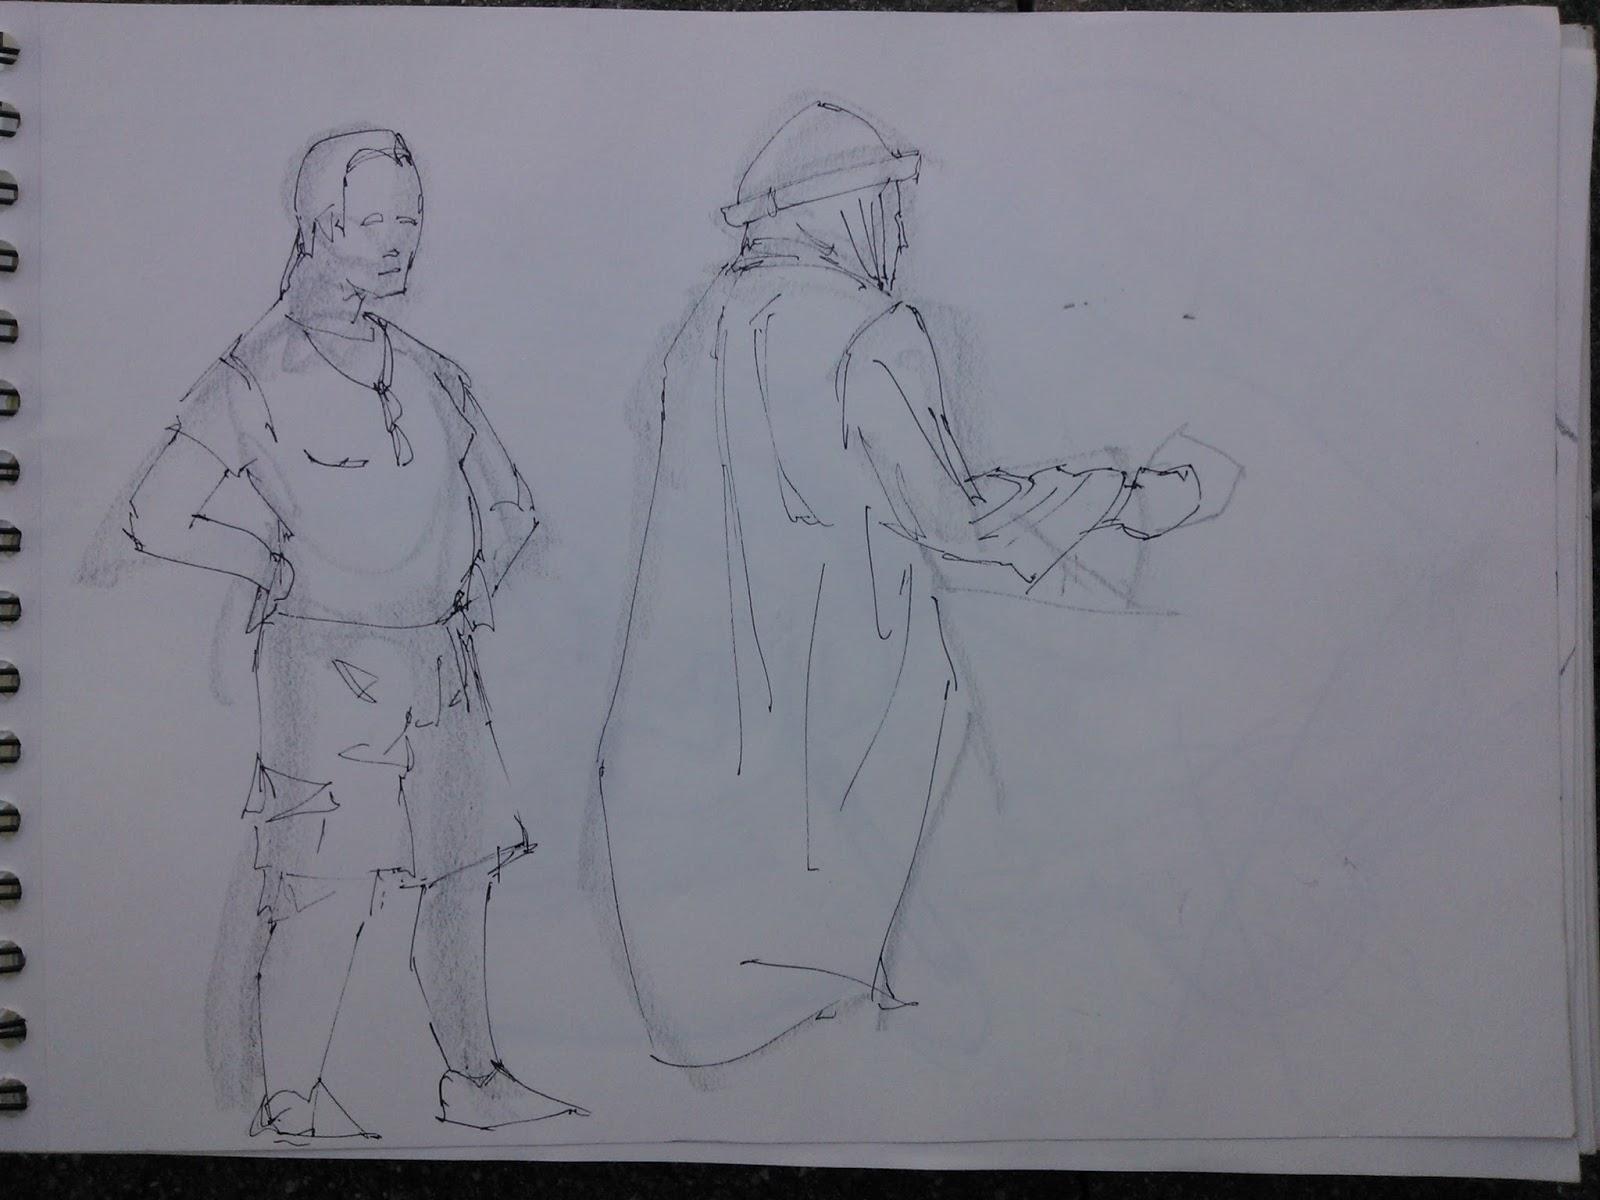 [SPOLYK] - Geometries & sketches WP_000318